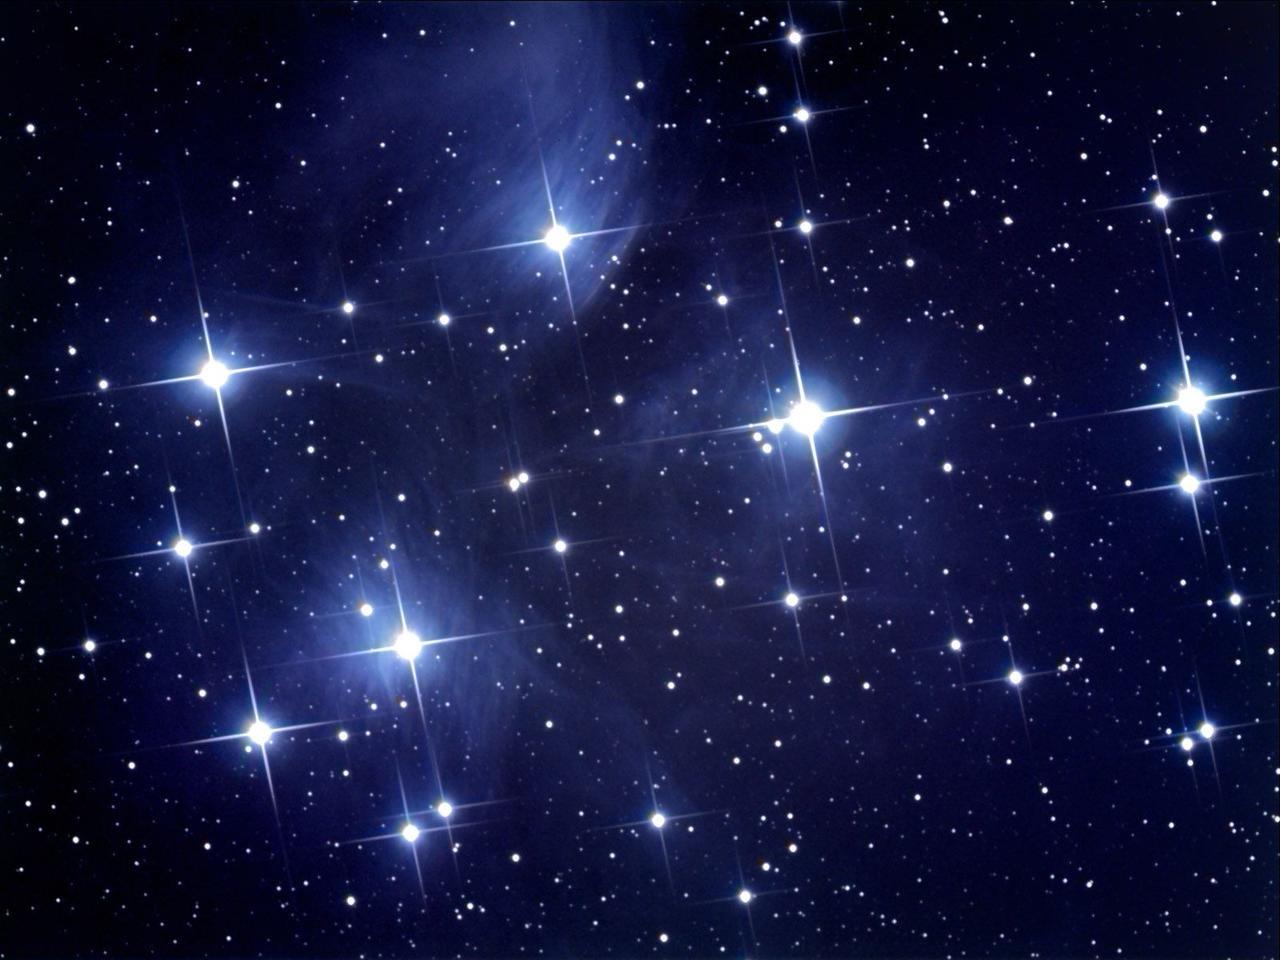 Ученые считают что планеты возникли из оболочки звезд